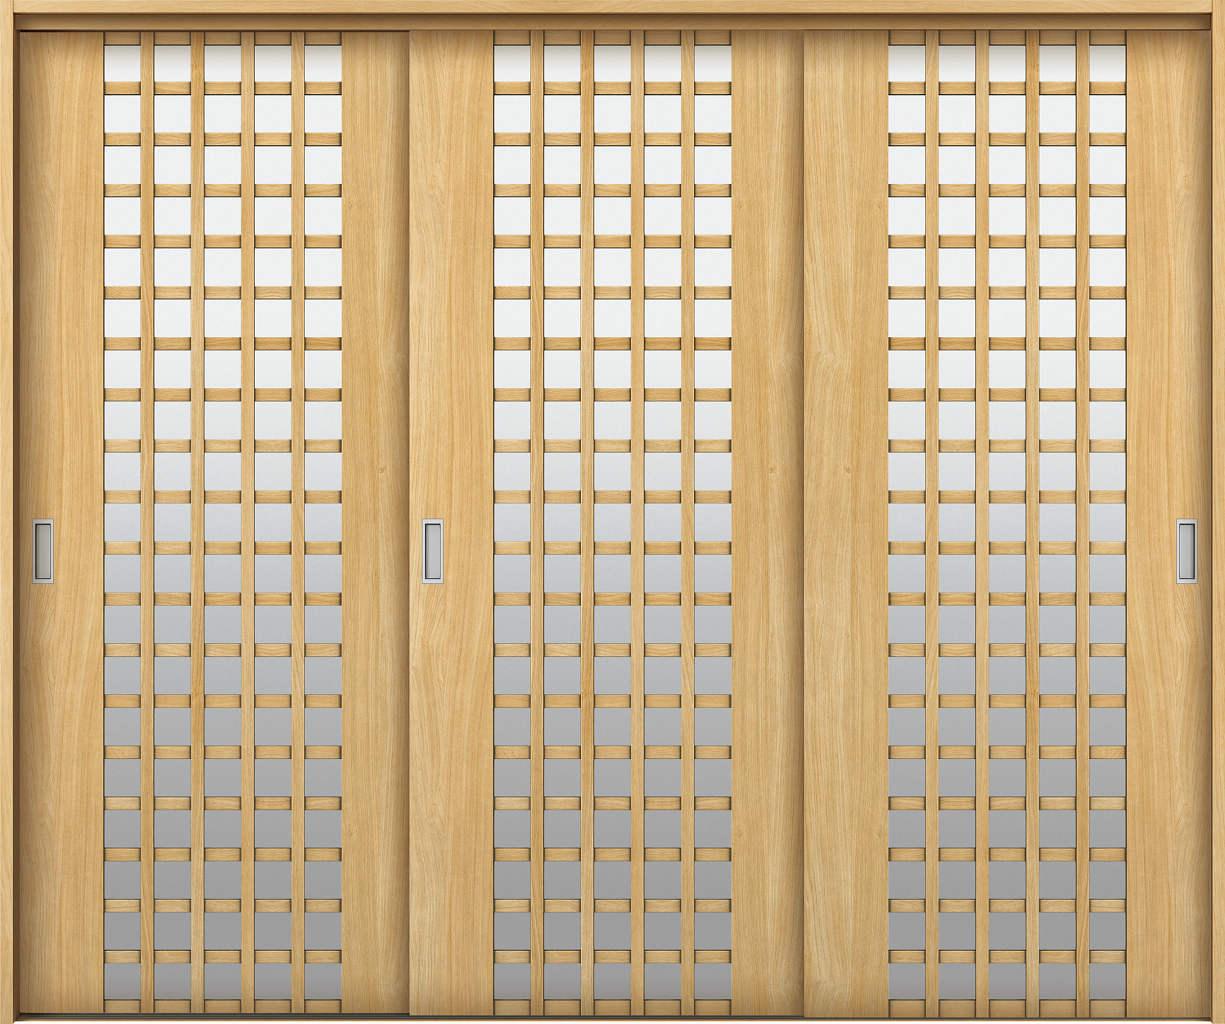 新しい JE YKKAP室内引戸 ケーシング枠:[幅2433mm×高2033mm]【YKK】【YKK室内引戸】【室内引き戸】【室内建具】【木製建具】【間仕切】【扉】【建具引き戸】【内装建材】【建材】:ノース&ウエスト ラフォレスタ[バーティカル] 3枚引き違い戸-木材・建築資材・設備